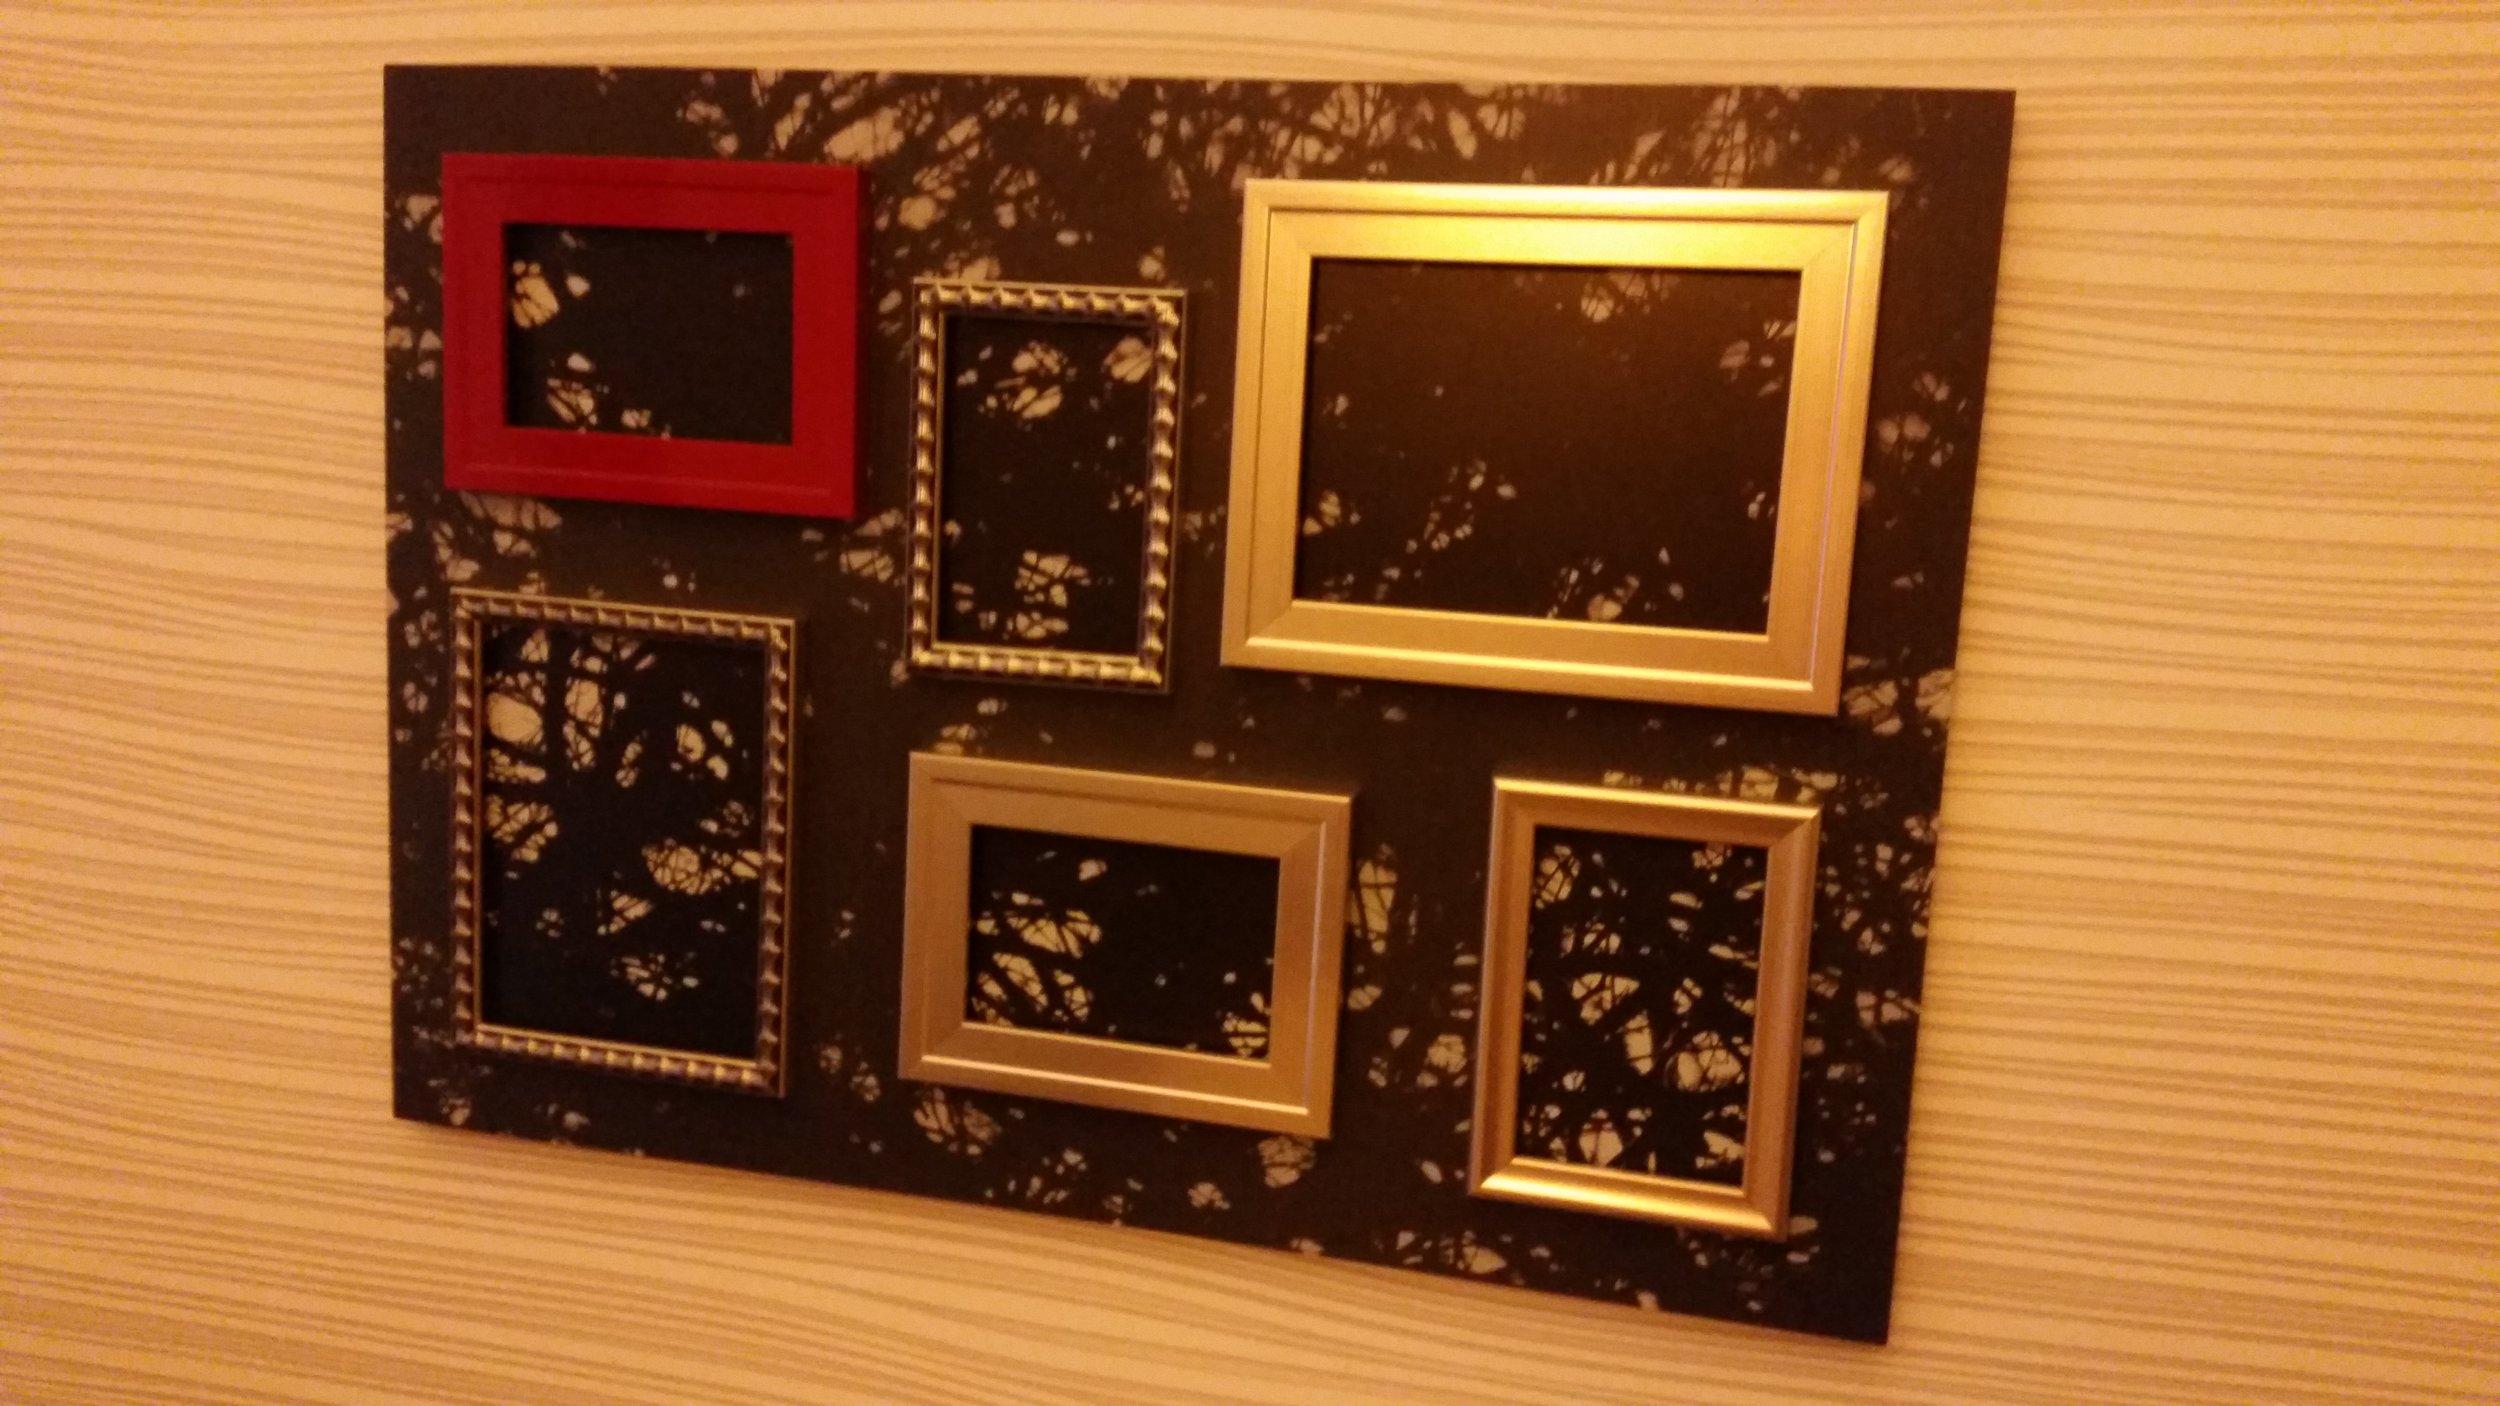 Kunst im Zimmer unseres Hotels. Quelle: Sash